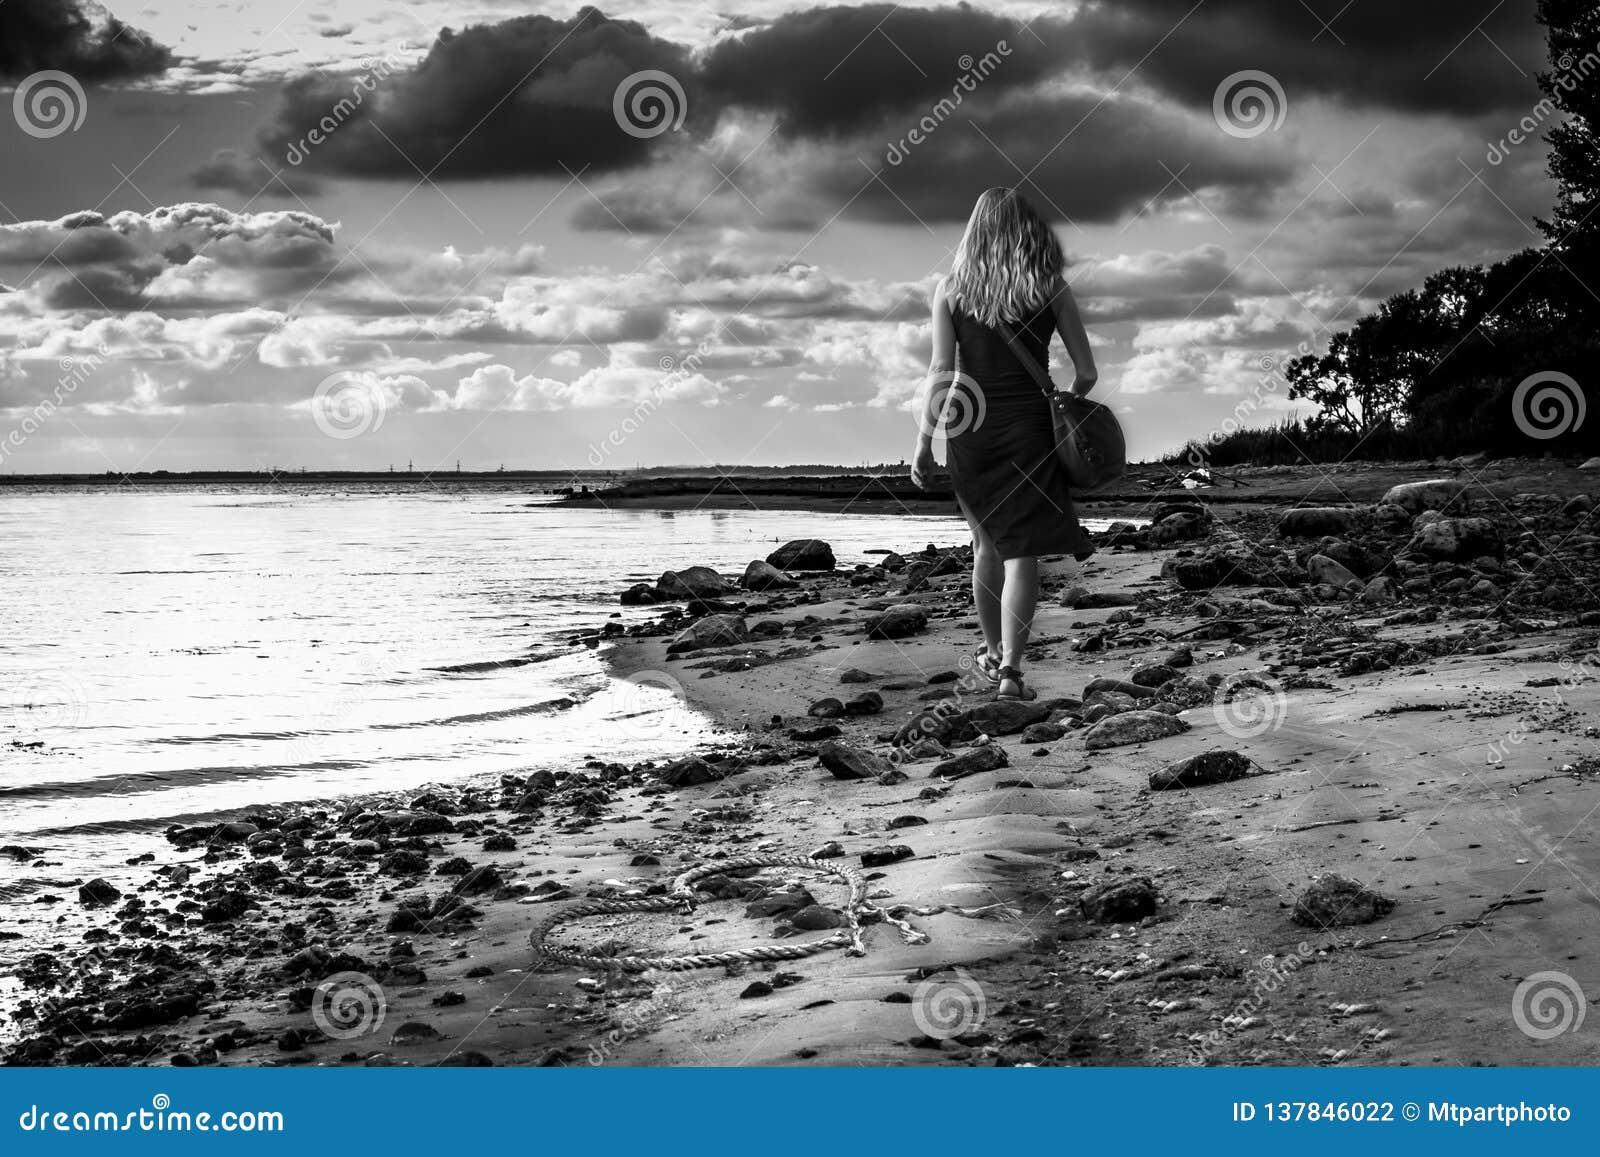 Девушка вдоль пляжа пошла прочь Получившееся отказ сердце в песке черная девушка прячет белизну рубашки съемки s человека Драмати